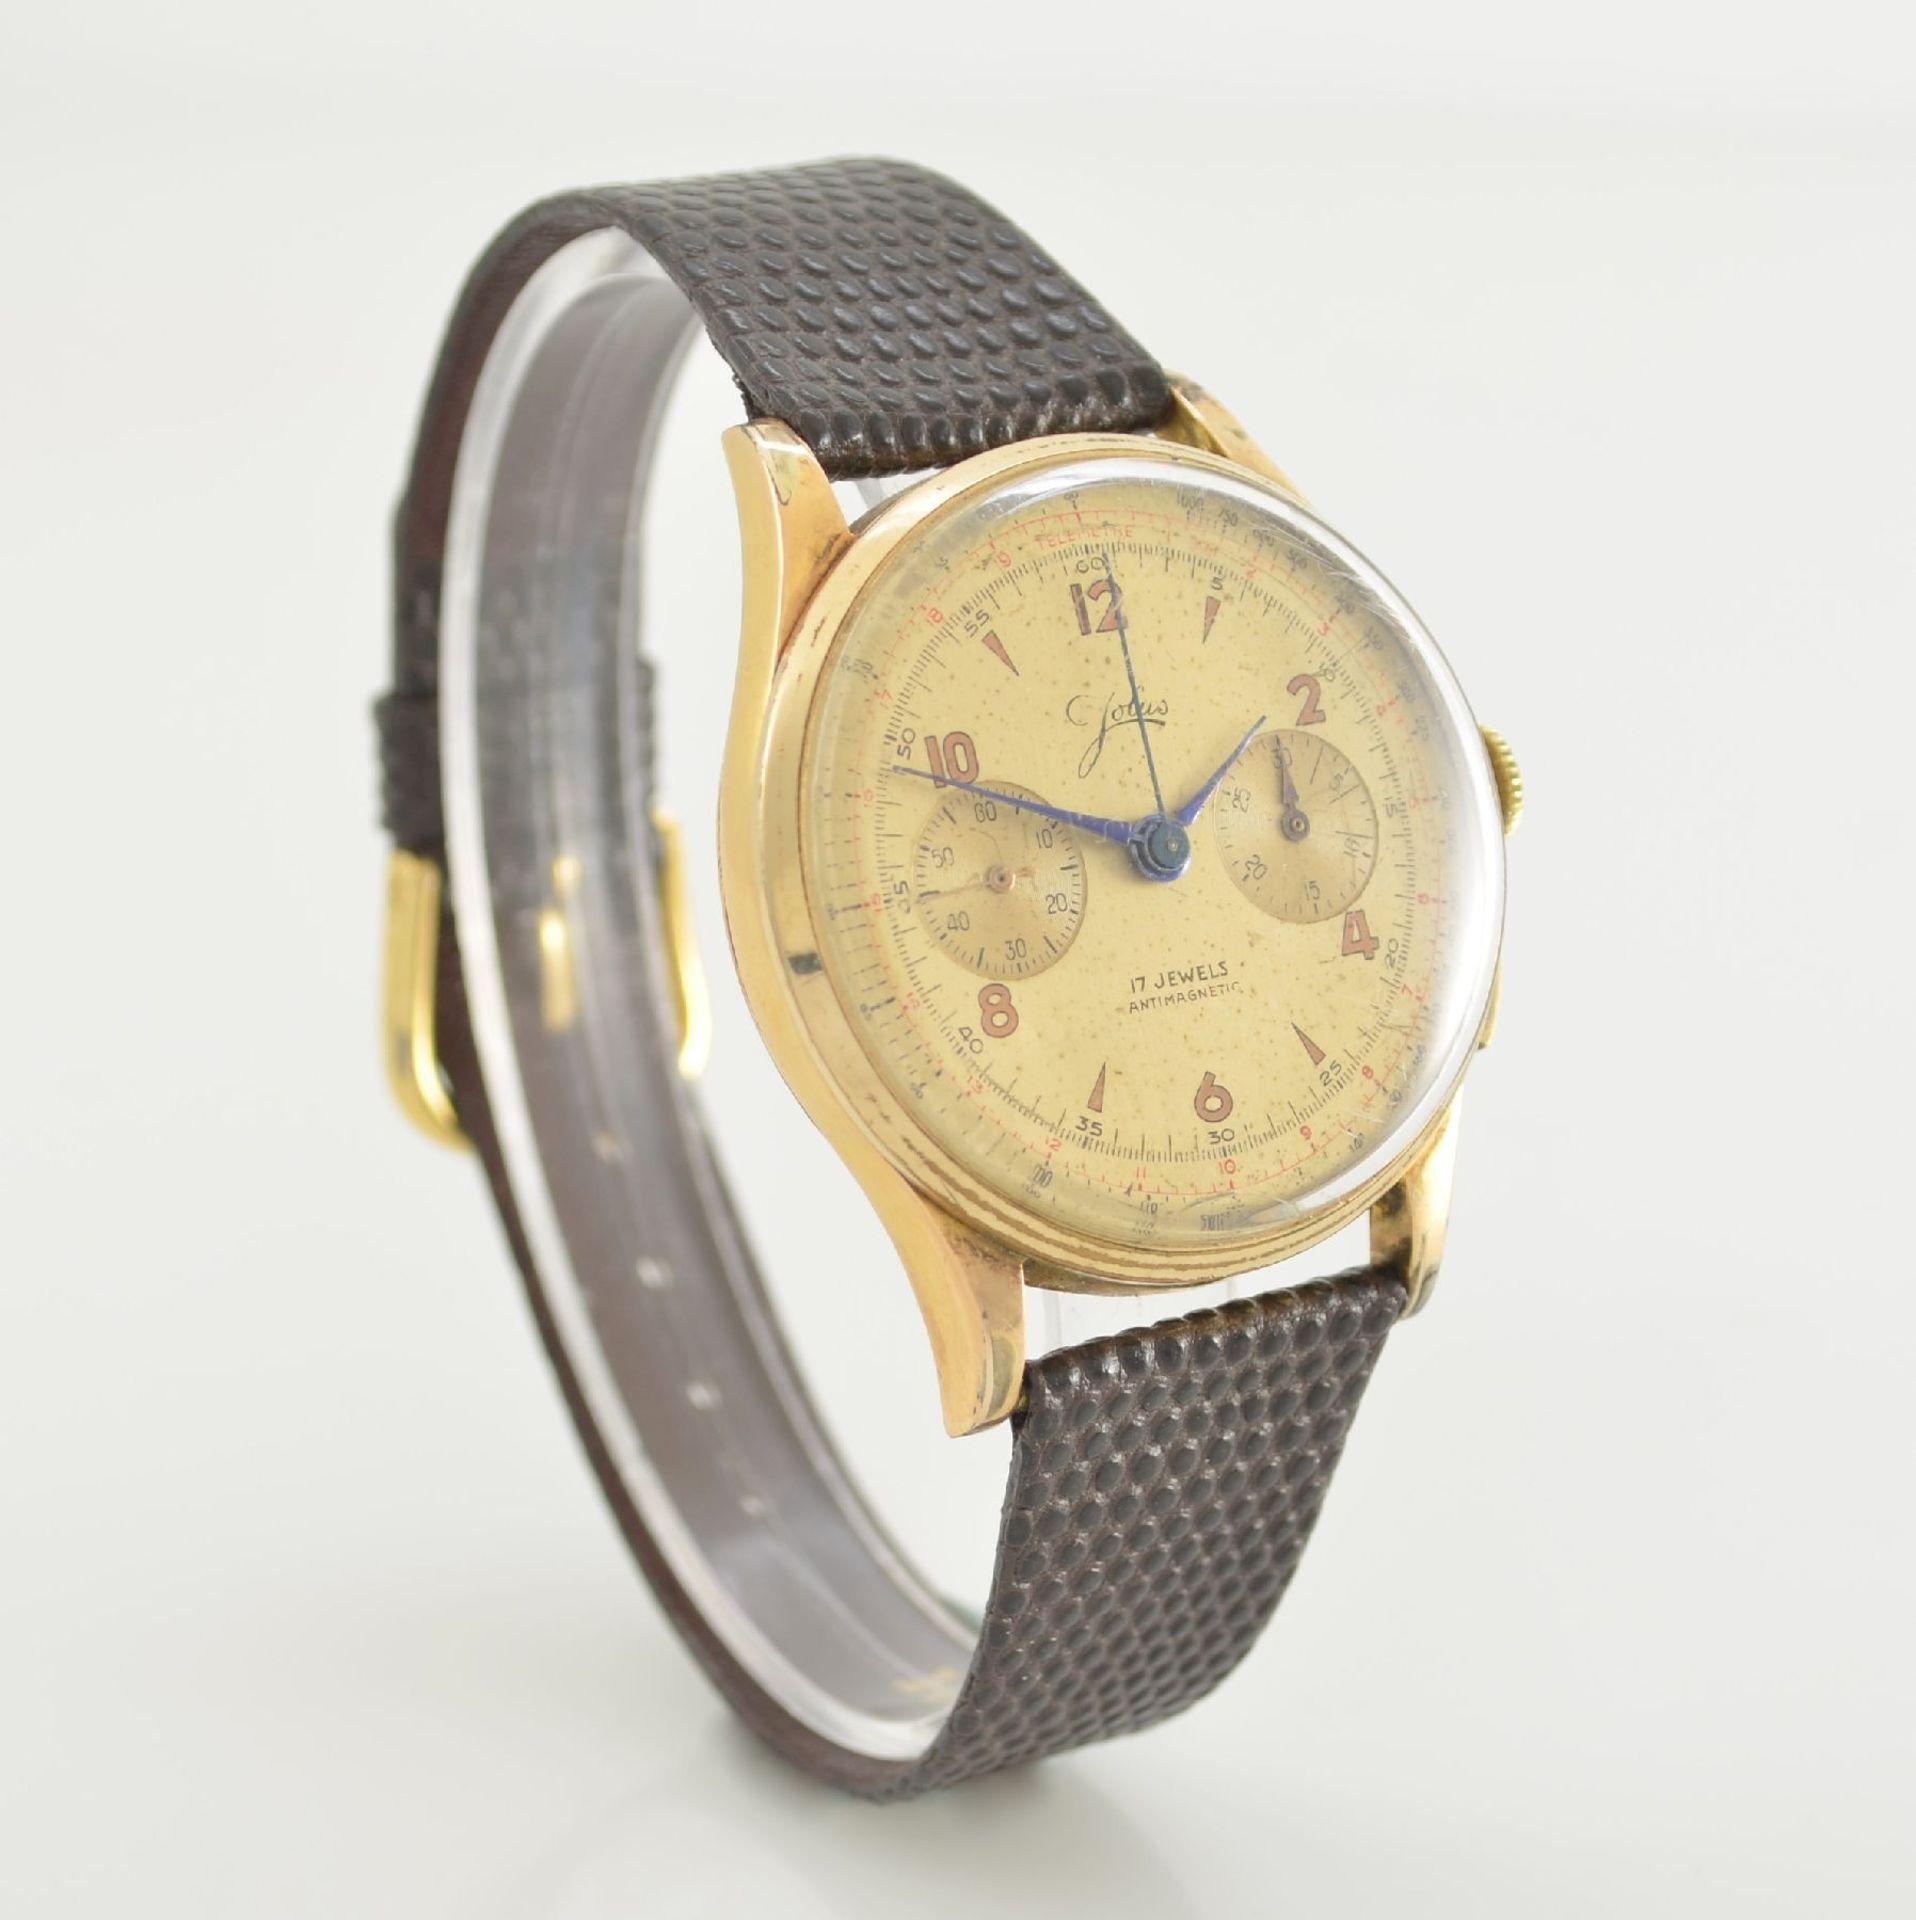 JOLUS Armbandchronograph in RoseG 750/000, Handaufzug, Schweiz um 1948, Boden & verg. Glasrand - Bild 5 aus 8